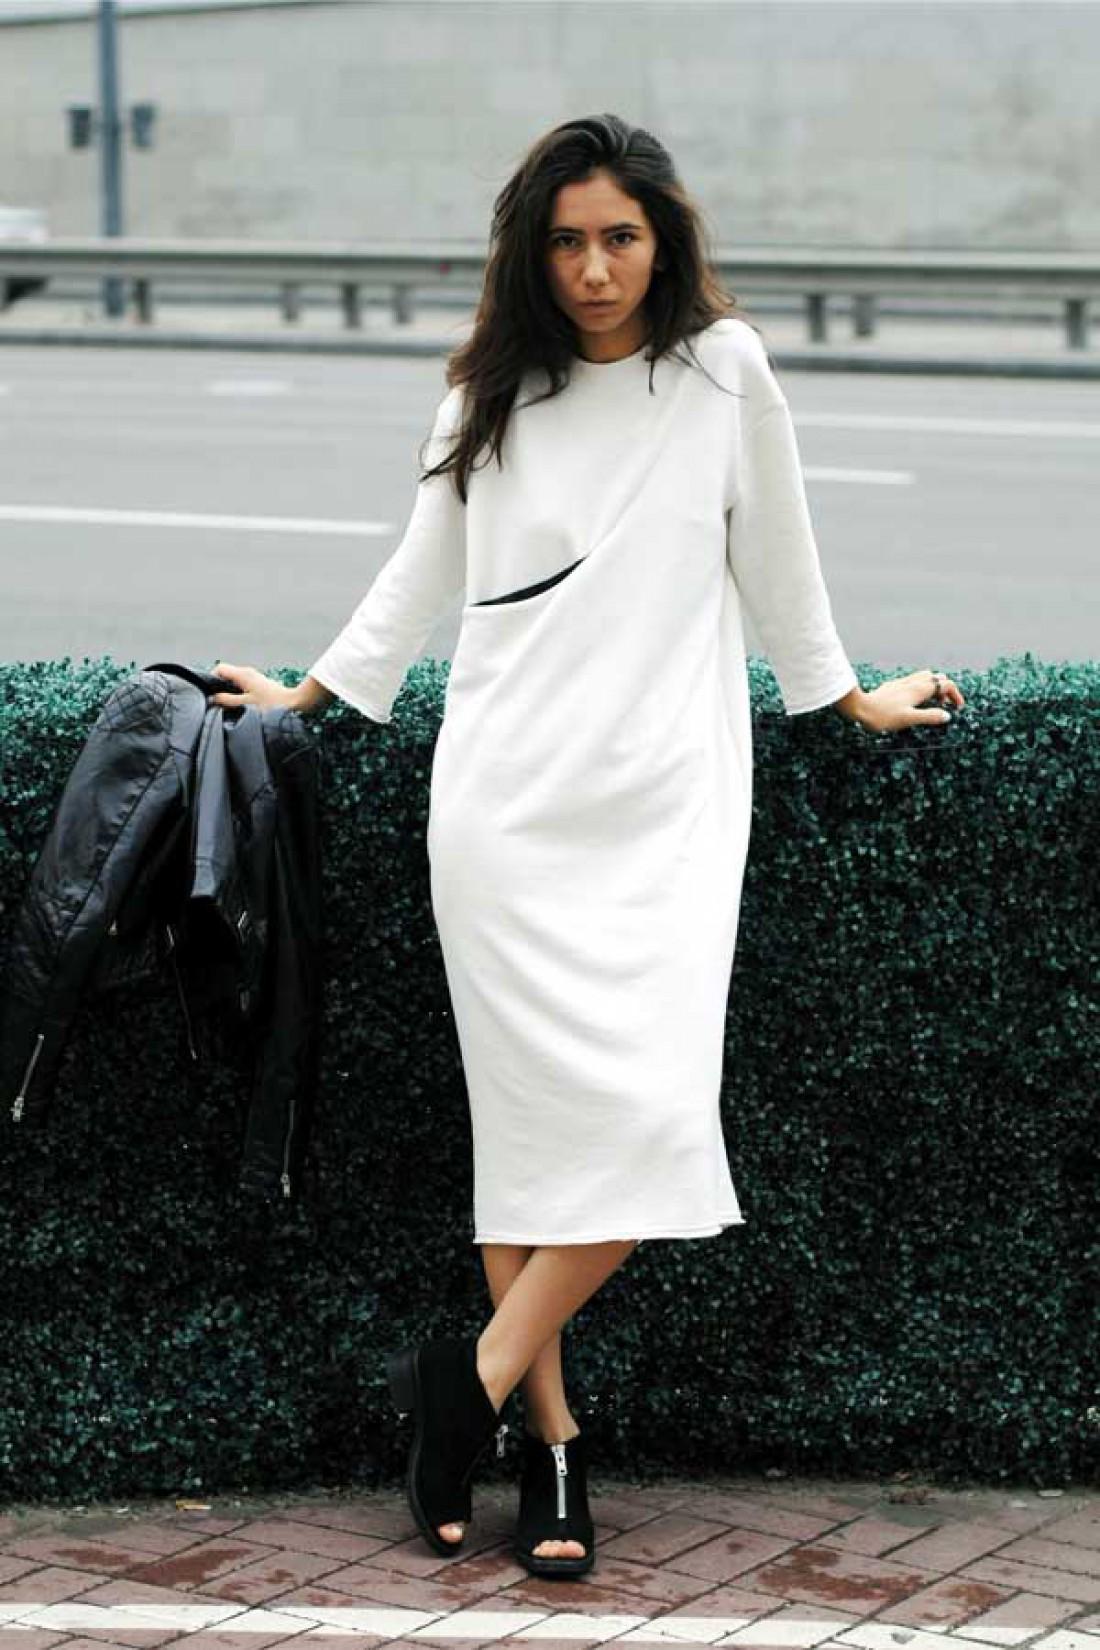 Миди-платье от украинского бренда UNGU